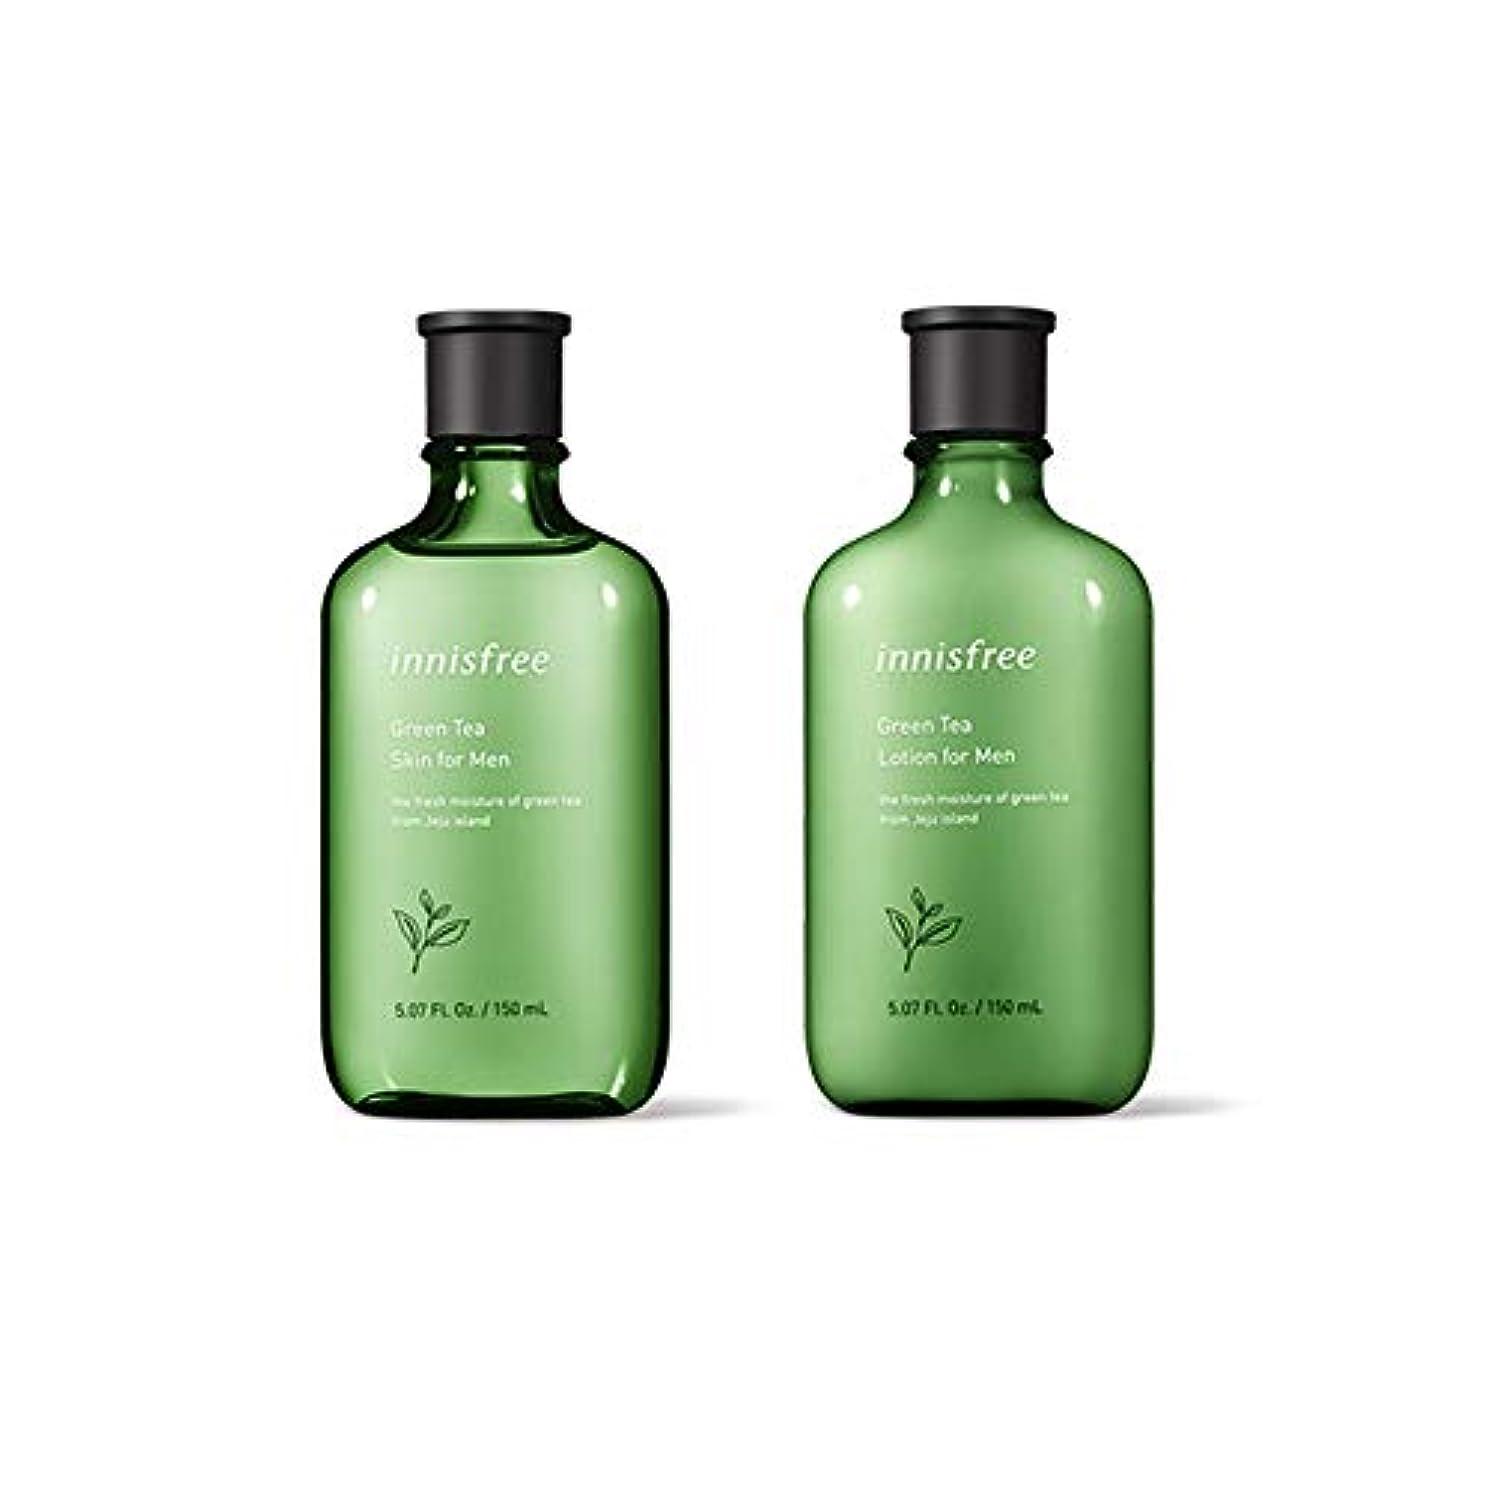 知覚する閉じ込めるに渡ってイニスフリー Innisfree グリーンティースキン & ローションセットフォーメン(150ml+150ml) Innisfree Green Tea Skin & Lotion Set For Men(150ml+150ml...